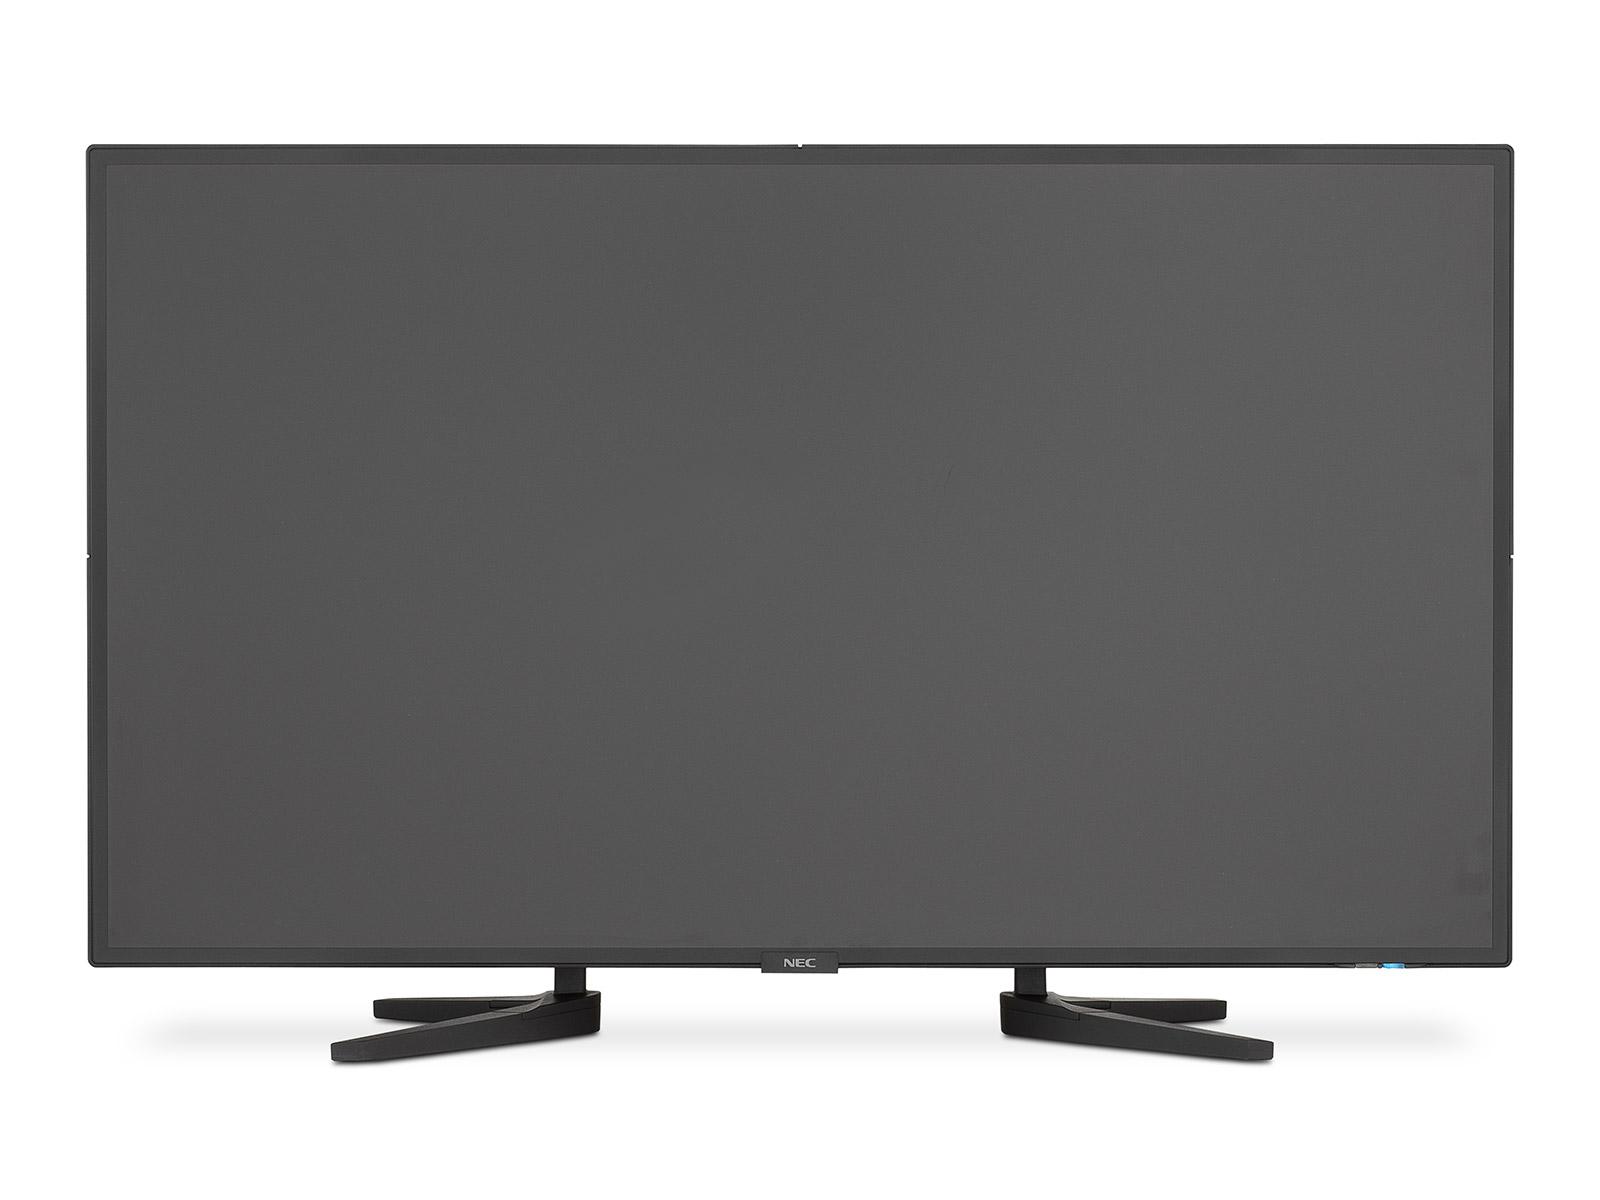 """NEC LFD 40"""" MuSy P404 S-PVA,1920x1080,8ms,4000:1,700cd,VGA,DVI-D,DP,HDMI,2x10W repro 24/7"""